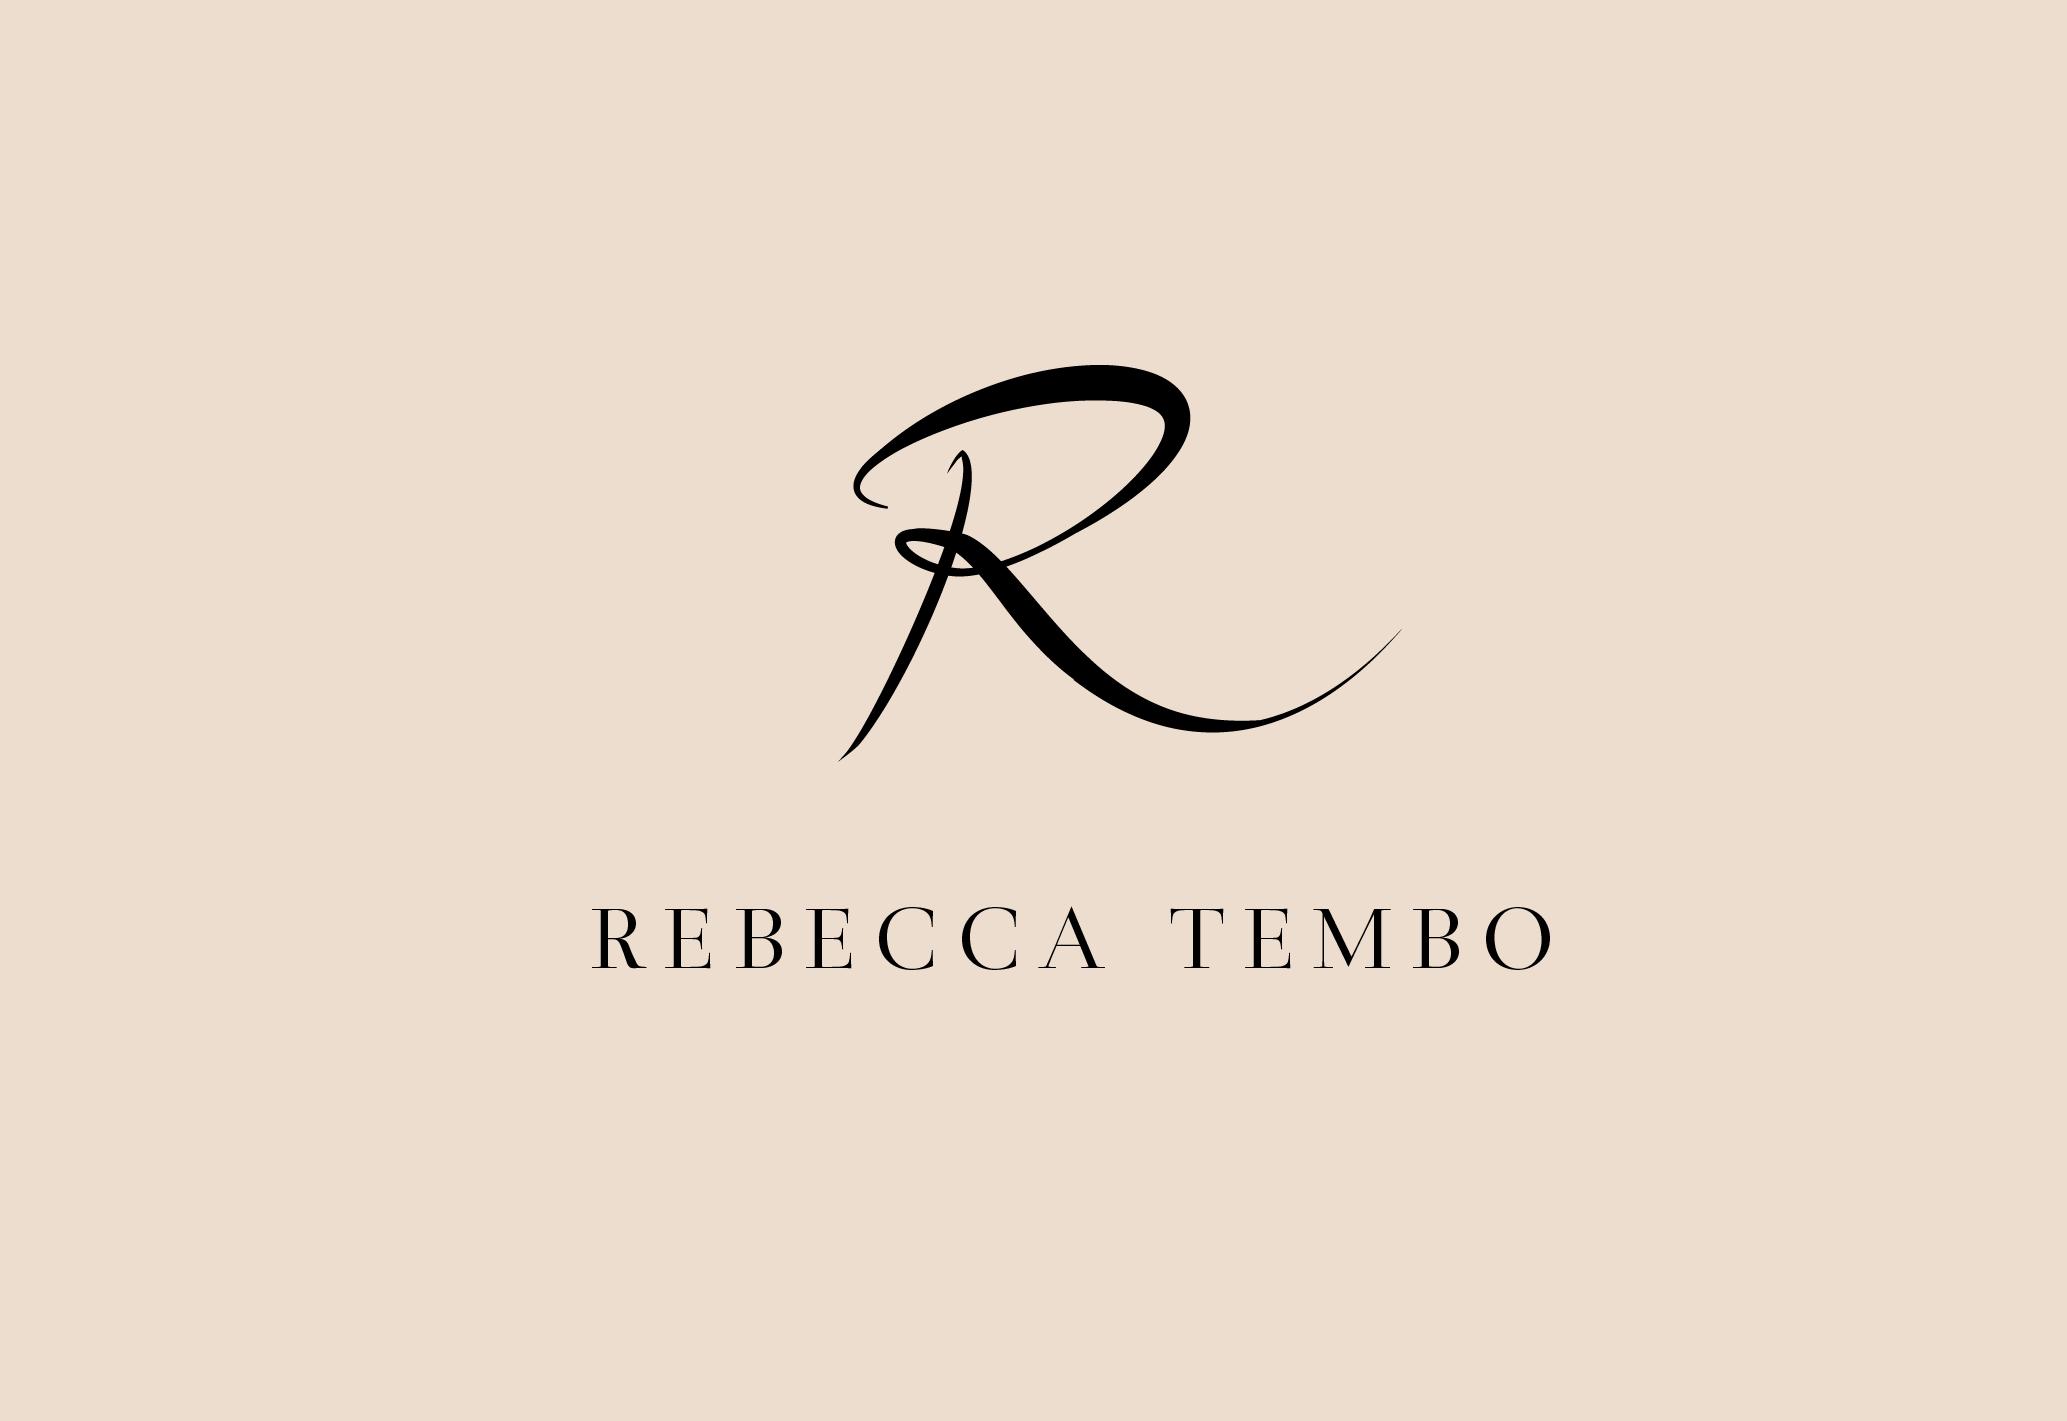 Rebecca Tembo